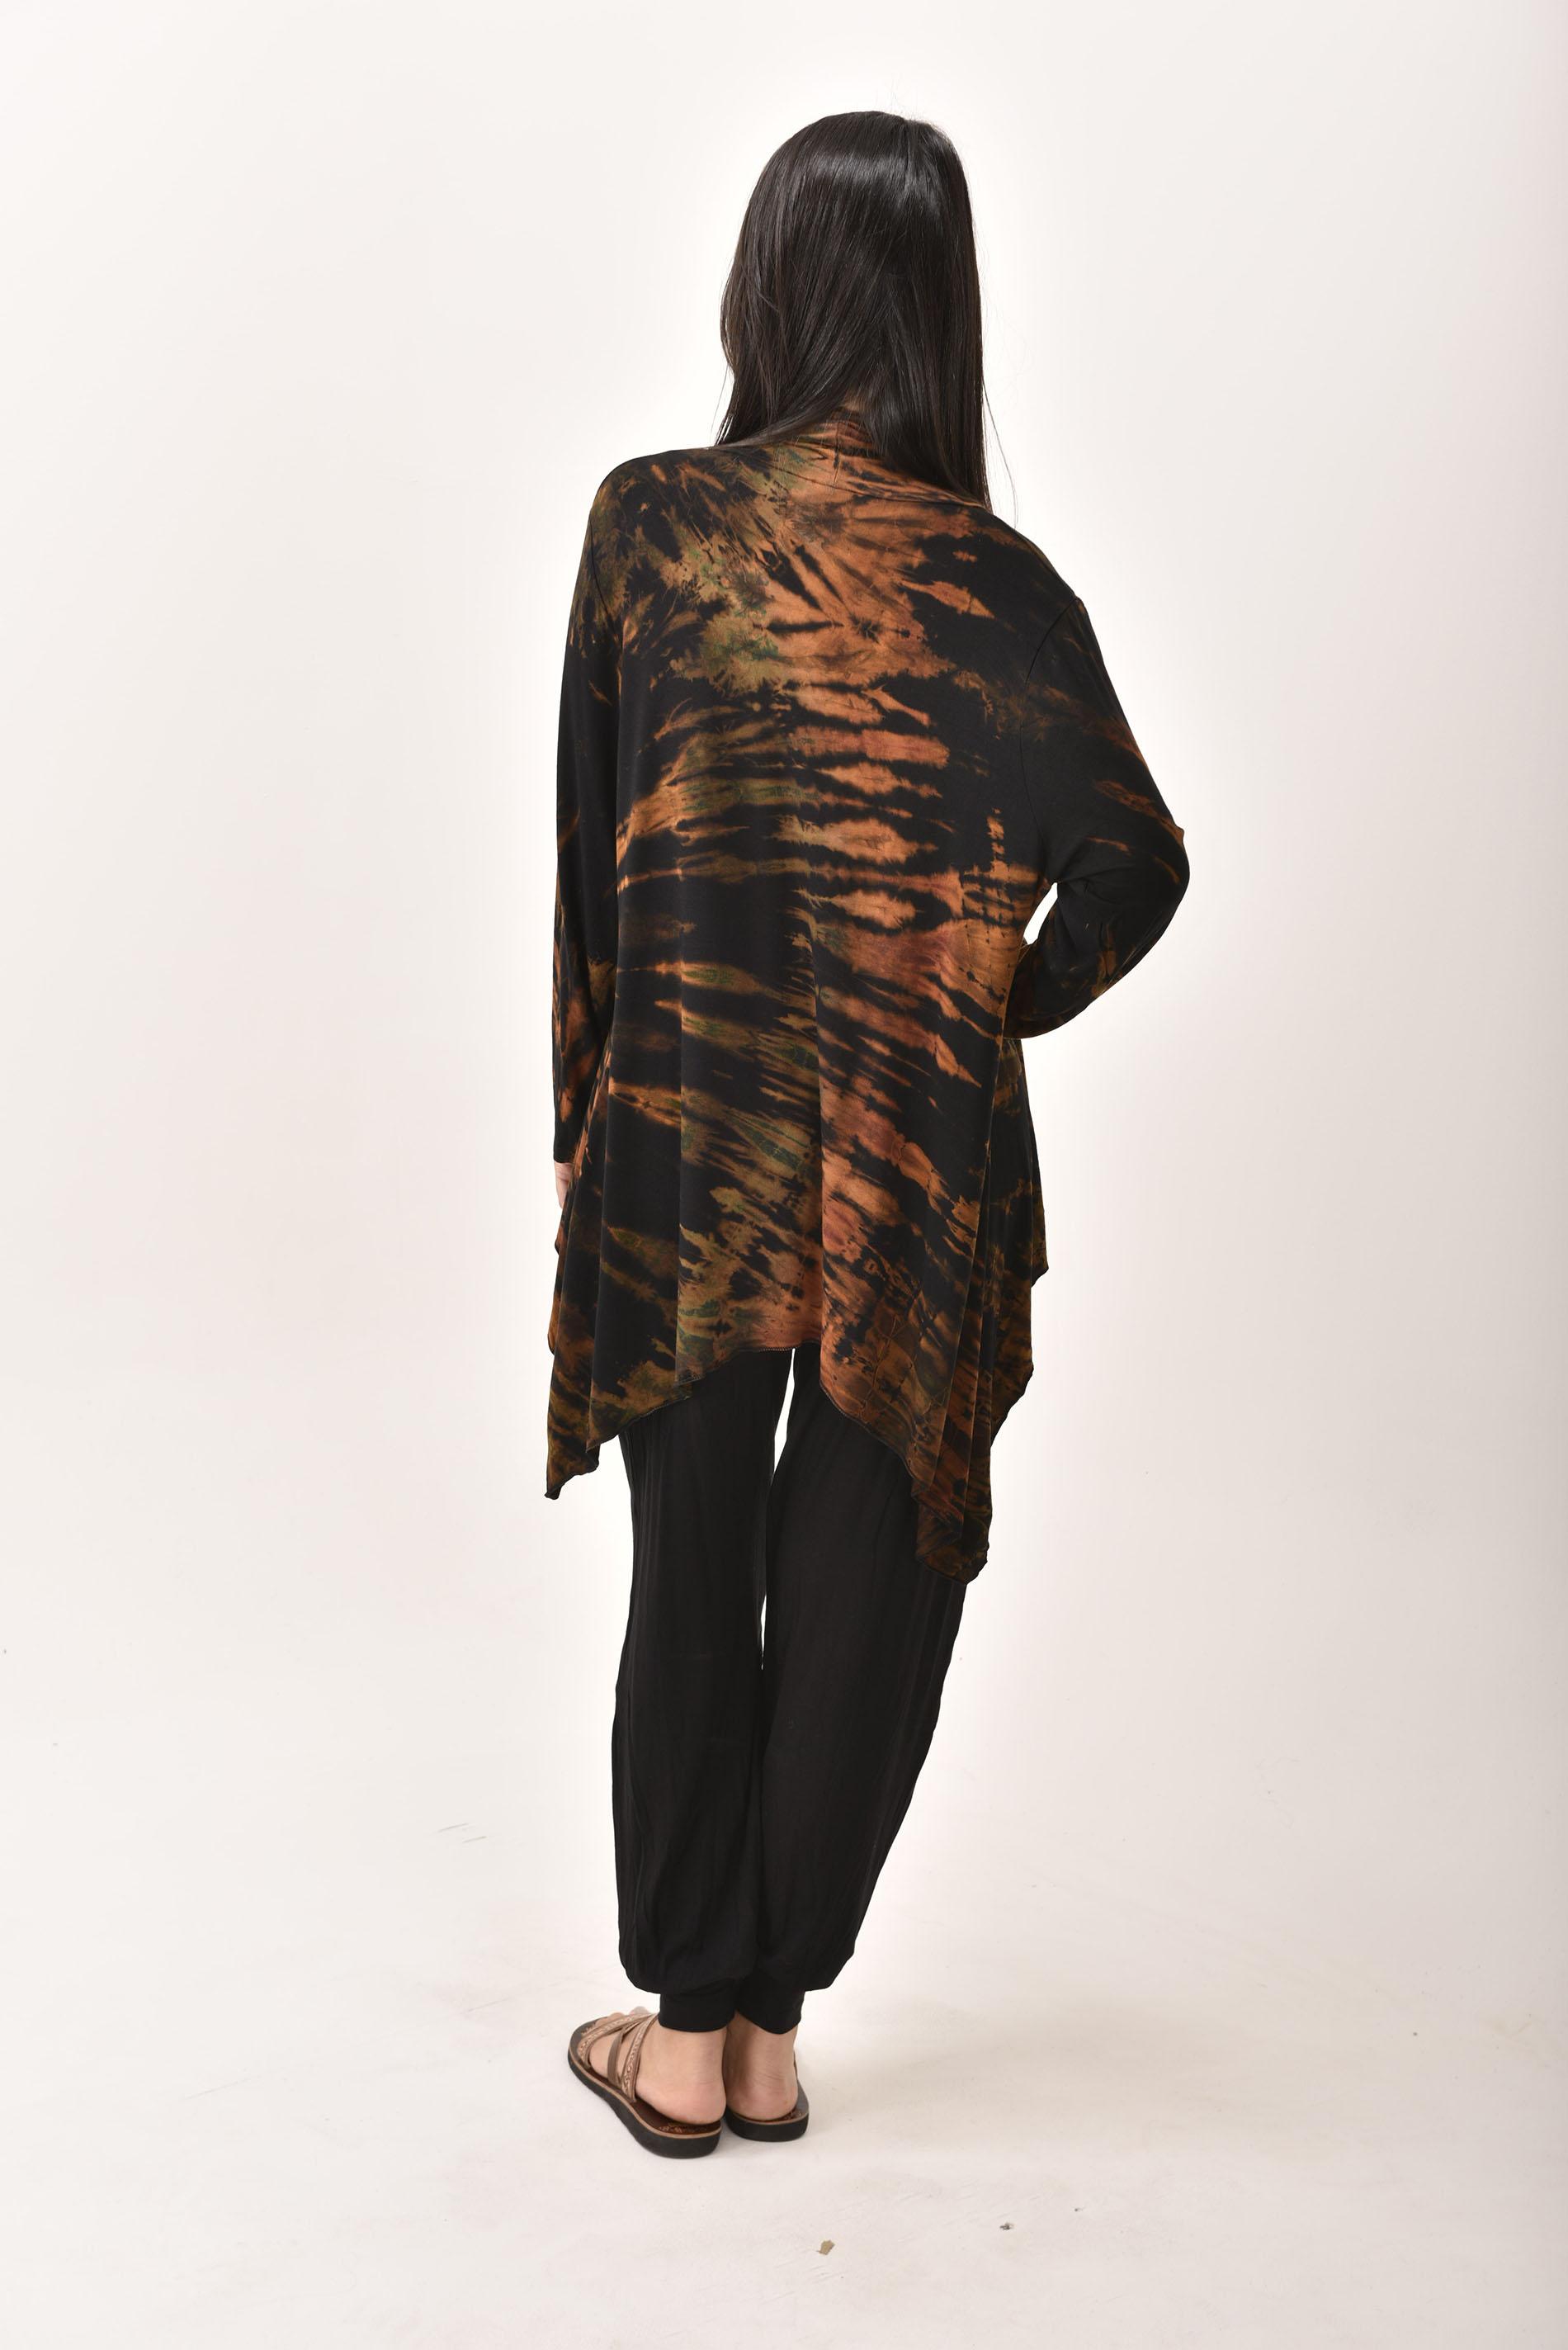 Kimono Cardigan Hand Painted Tie Dye - Everything Multi